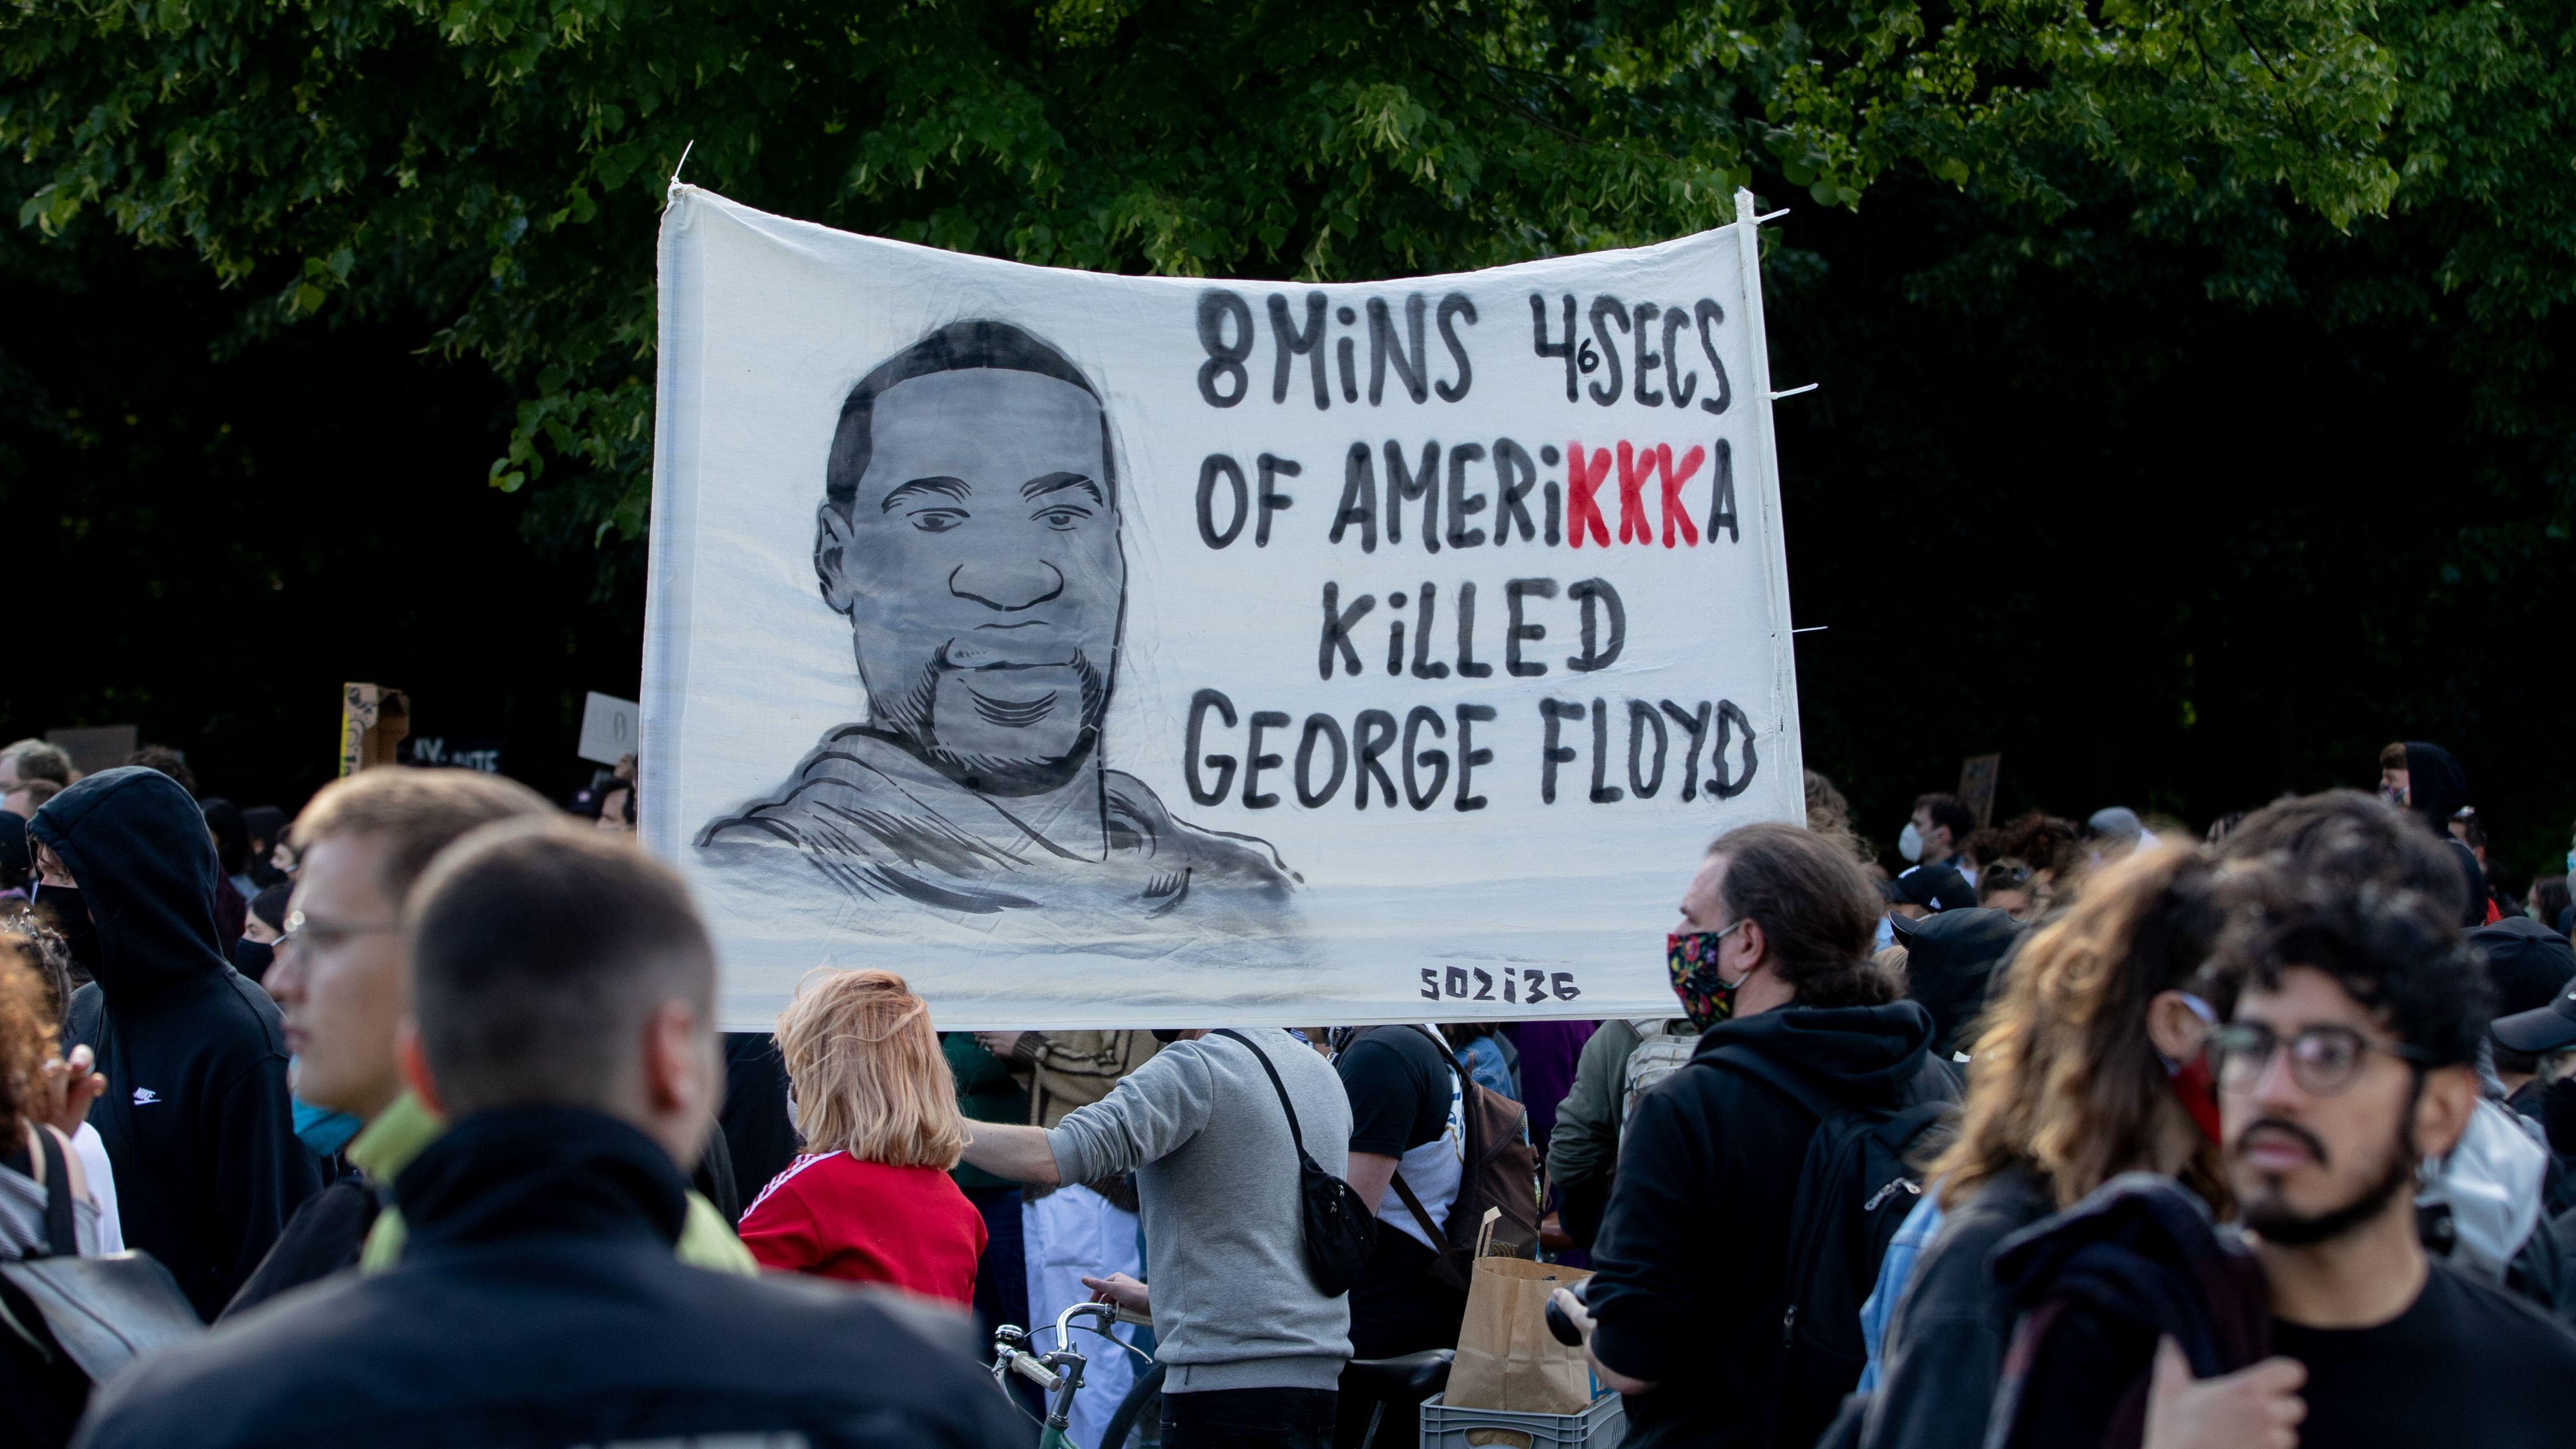 Ein Plakat mit dem Gesicht von George Floyd wird bei einer Kundgebung vor der US-Botschaft gegen den gewaltsamen Tod des Afroamerikaners durch einen weißen Polizisten in die Höhe gehalten.